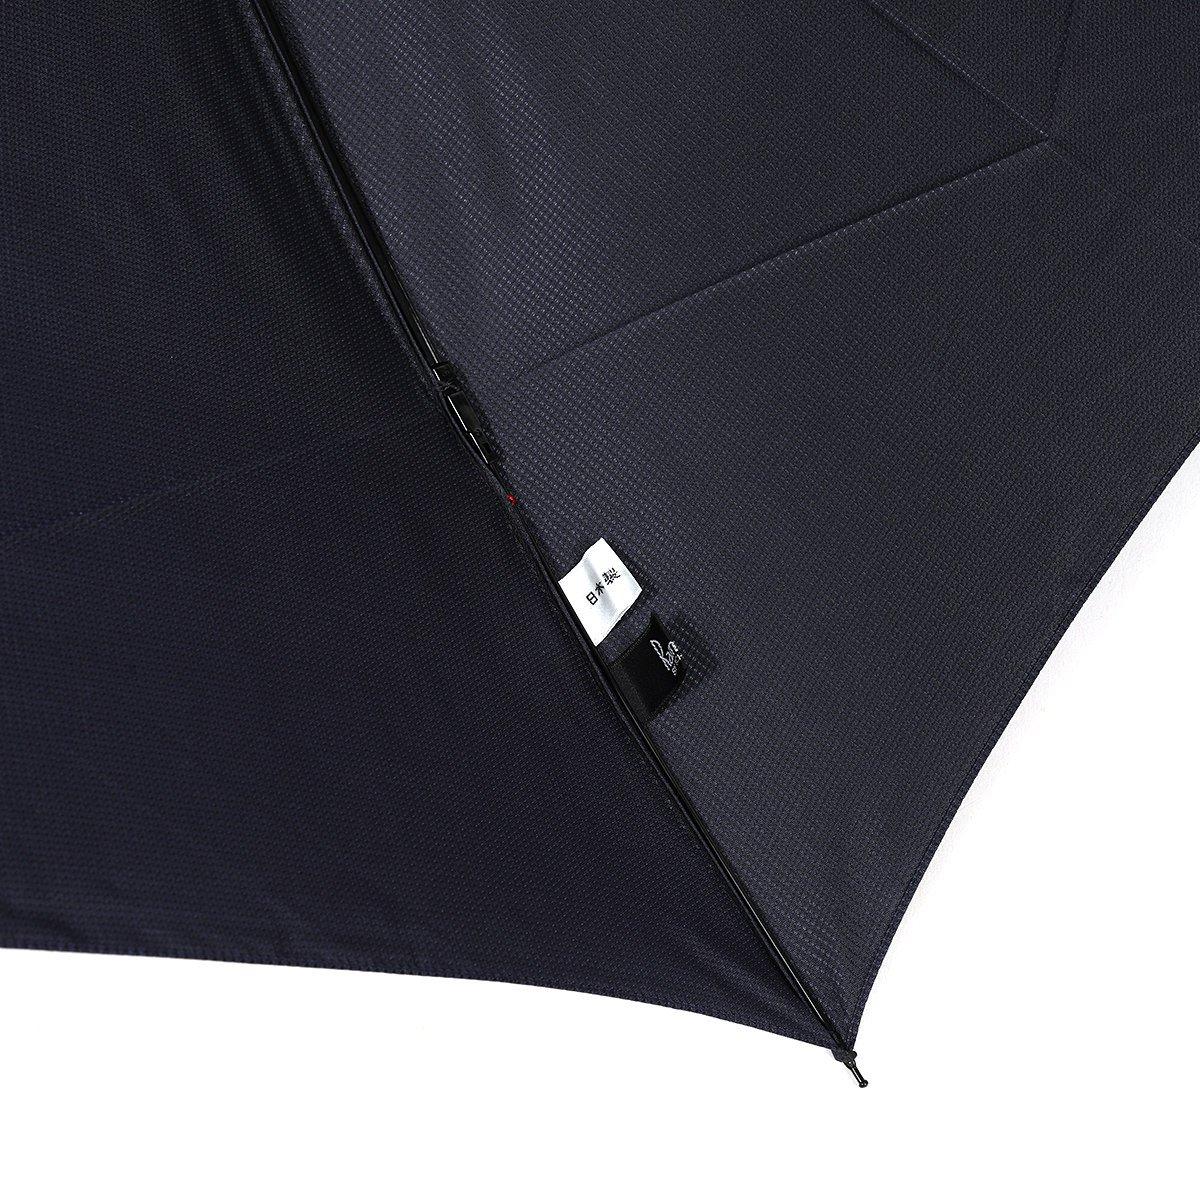 【セール】ミニ フラット ジャガード トビー 折りたたみ傘 詳細画像8